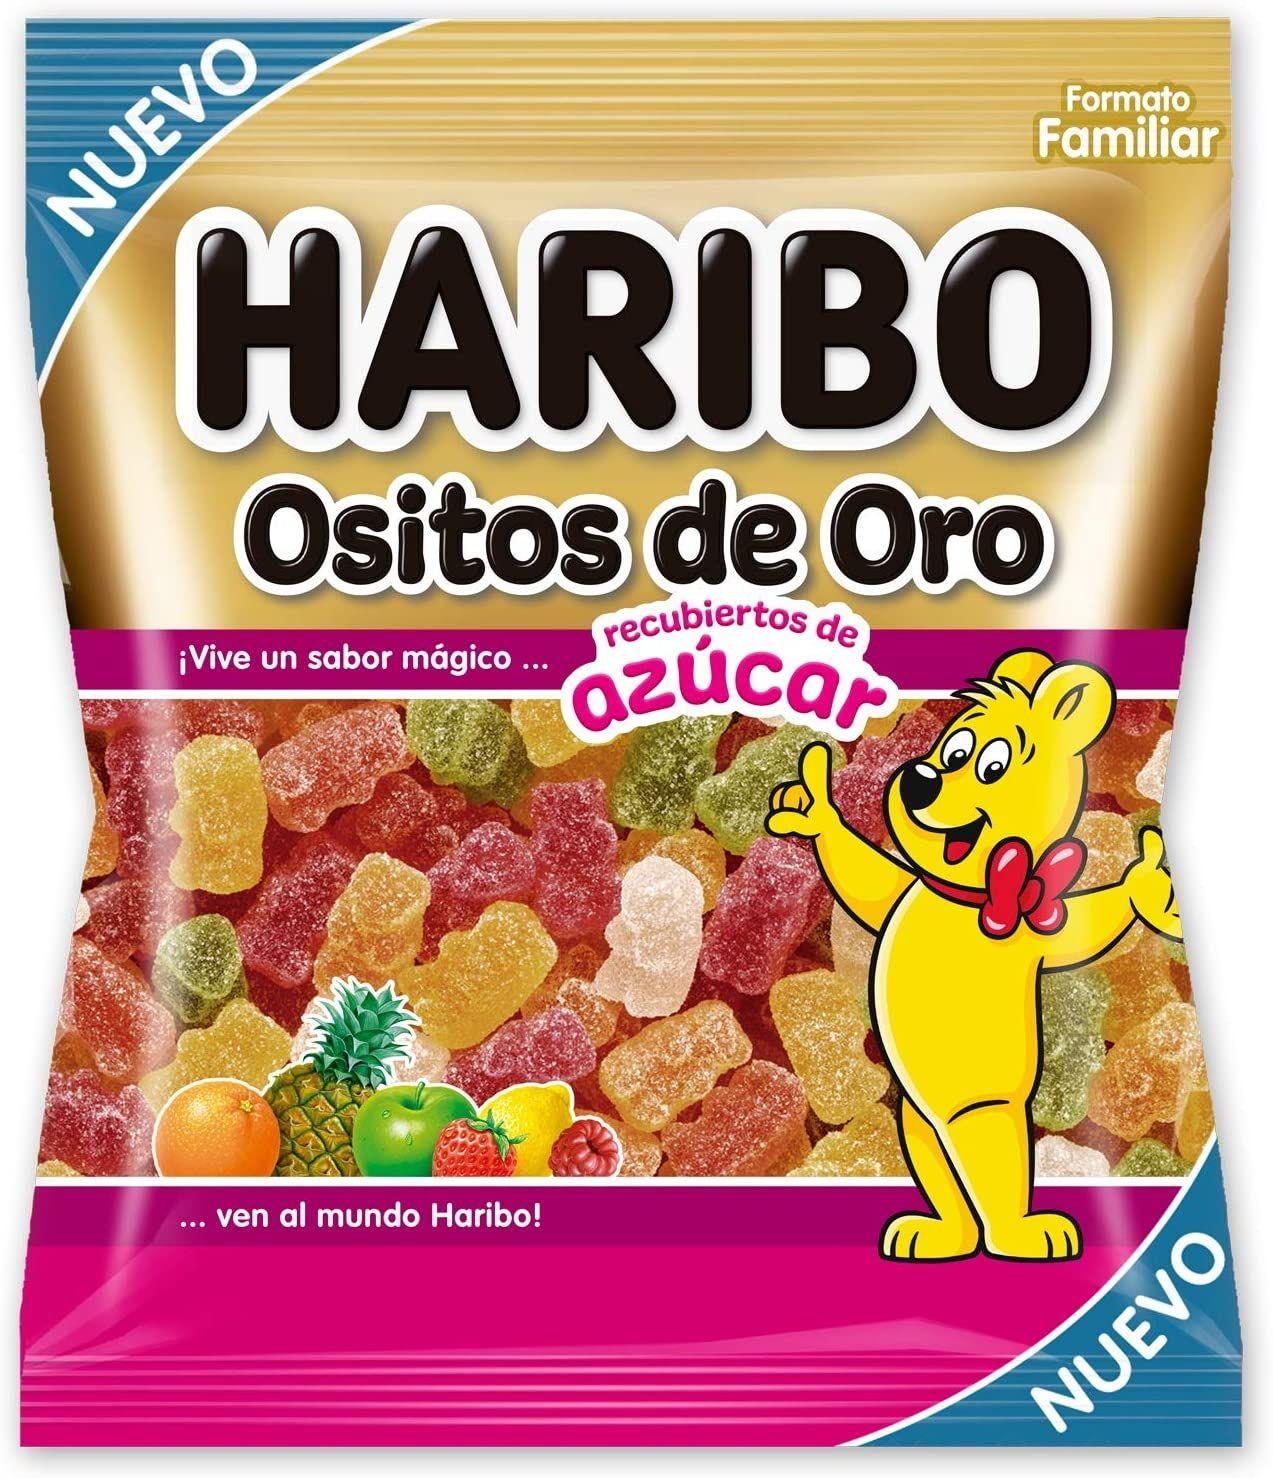 Haribo Ositos de Oro Azúcar, 275g